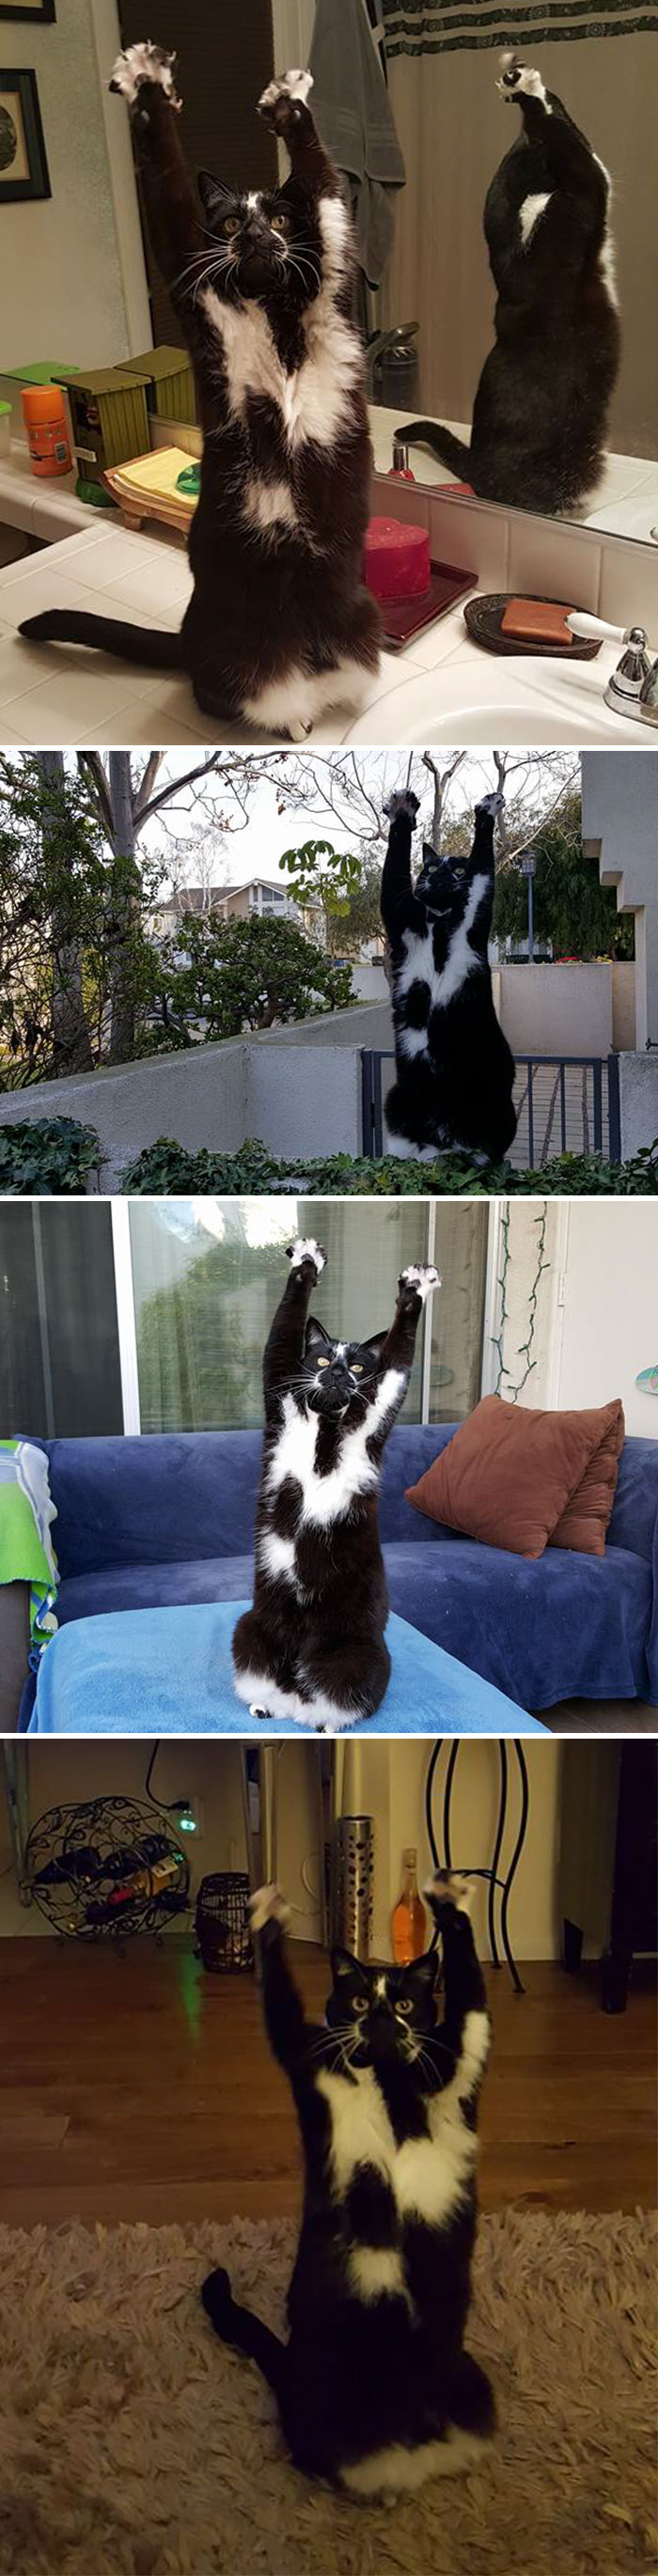 10+ chats au comportement bizarre qui vous feront rigoler